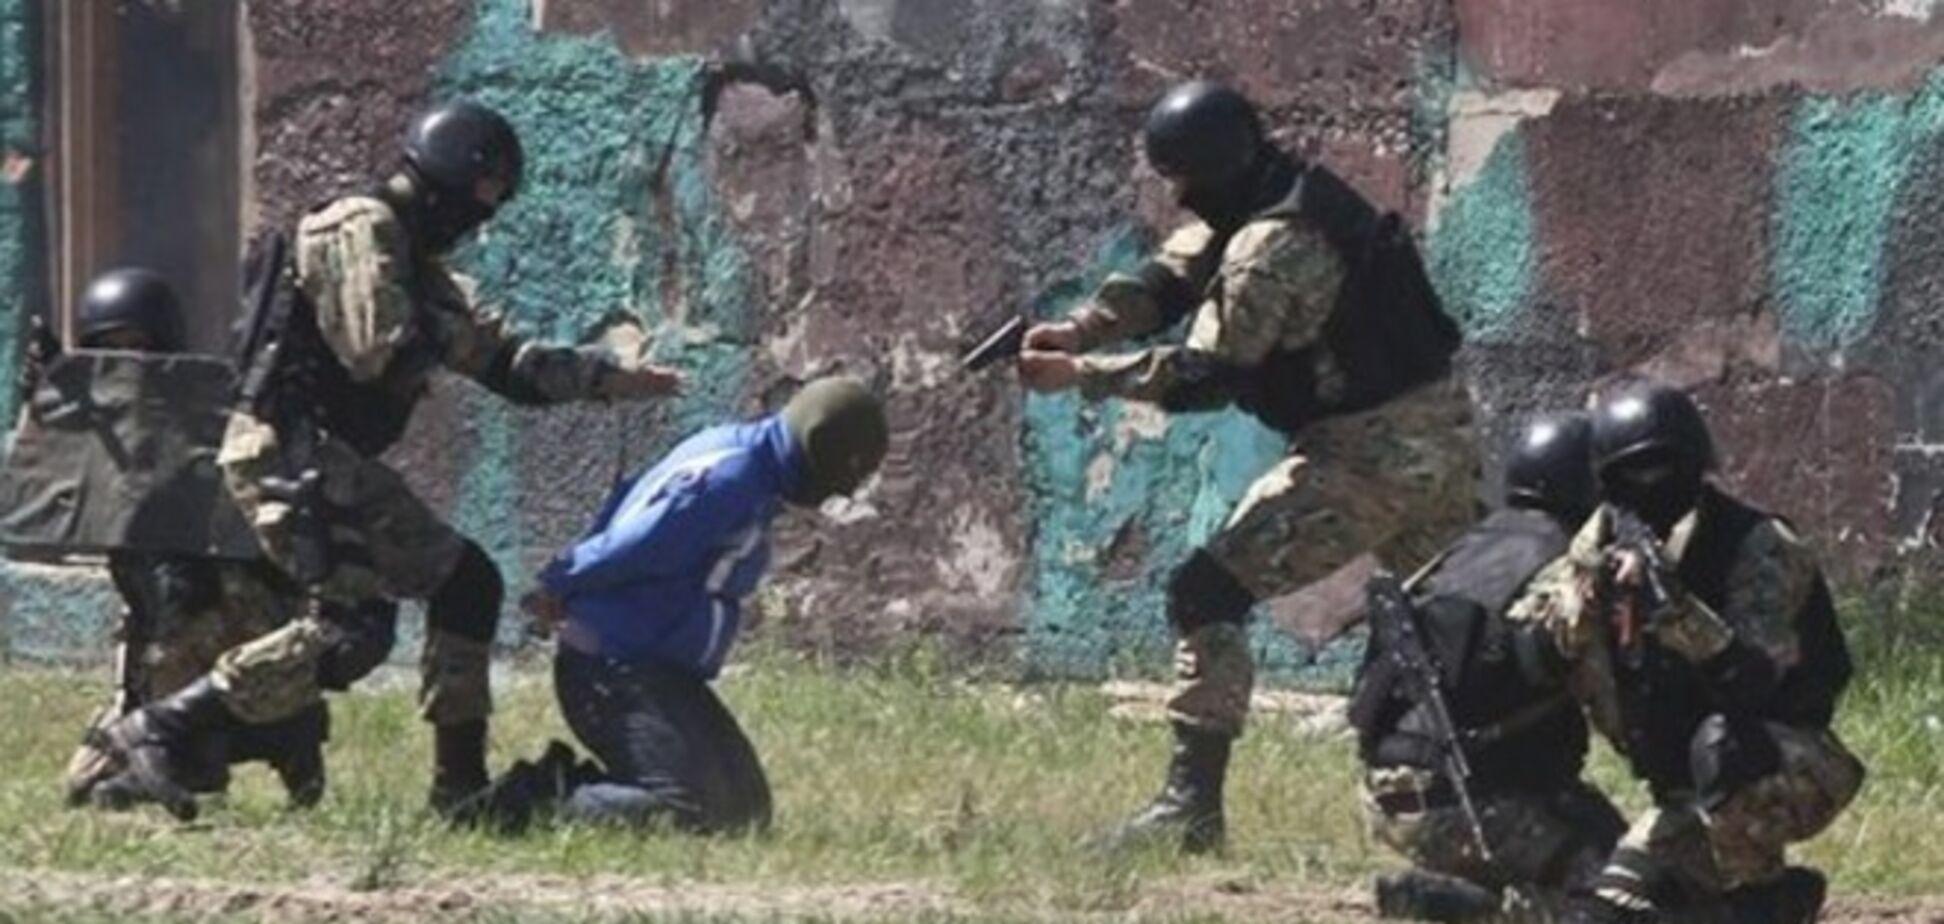 СБУ задержала на Донбассе группу террористов-карателей во главе с 'начальником НКВД'